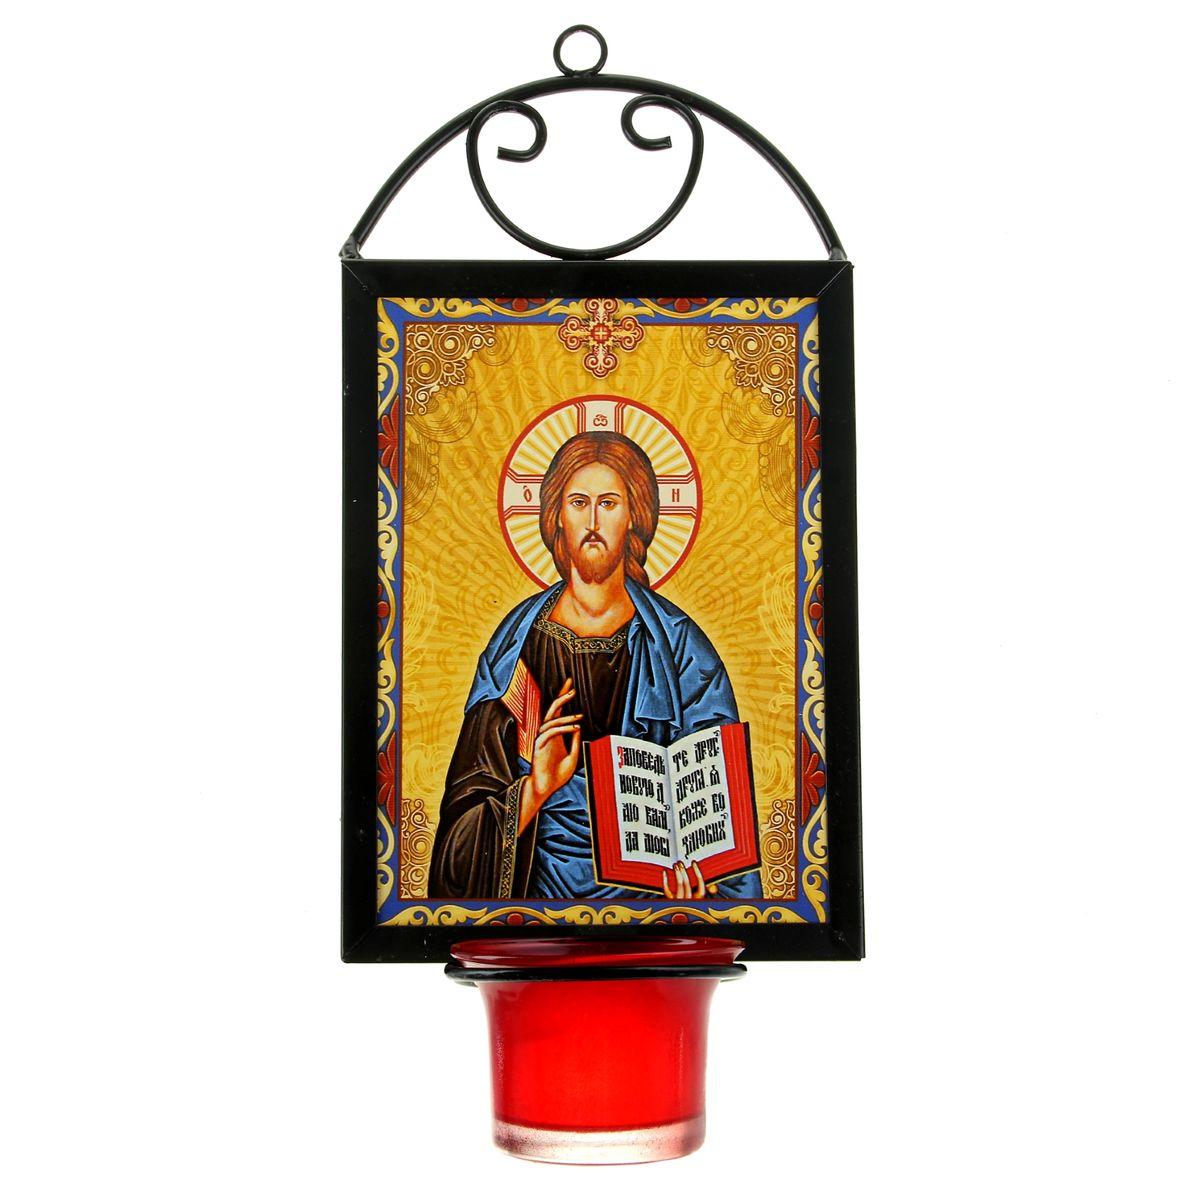 Икона Господь Вседержитель, с лампадой, 12 х 22 смIR-SHPg-P2Икона Господь Вседержитель выполнена из керамики в металлической рамке. Внизу рамки имеется отверстие для лампады, входящей в комплект. Изделие имеет петельку, благодаря которой икону удобно вешать на стену. Изображенный образ полностью соответствует канонам Русской Православной Церкви. Такая икона будет прекрасным подарком с духовной составляющей.